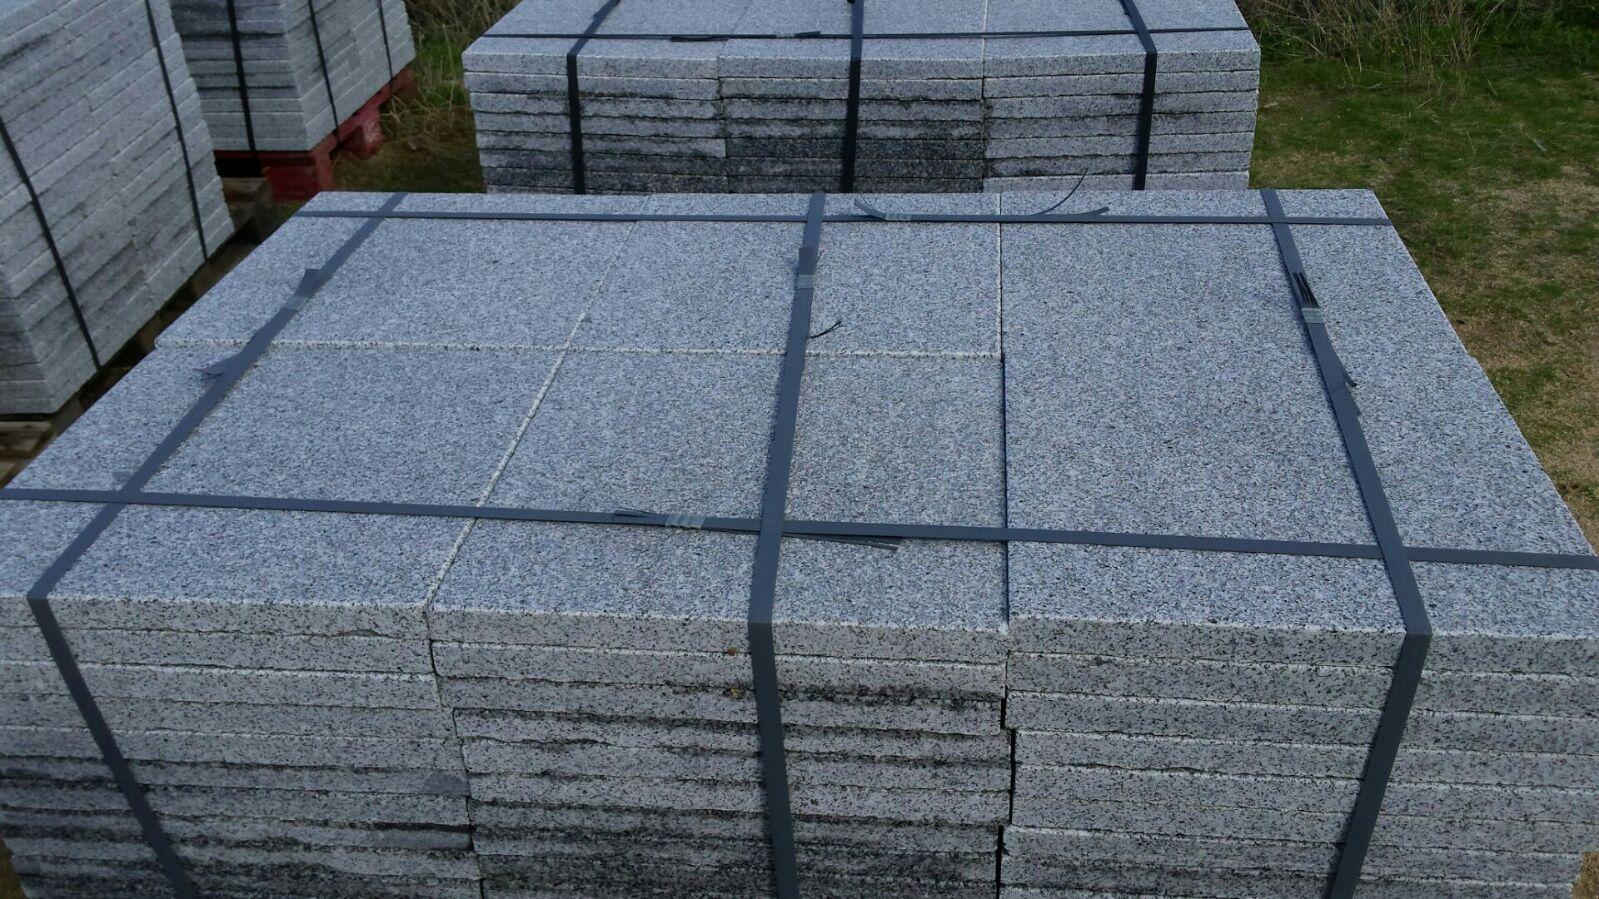 granito gris quintana precio venta adoquines bordillos